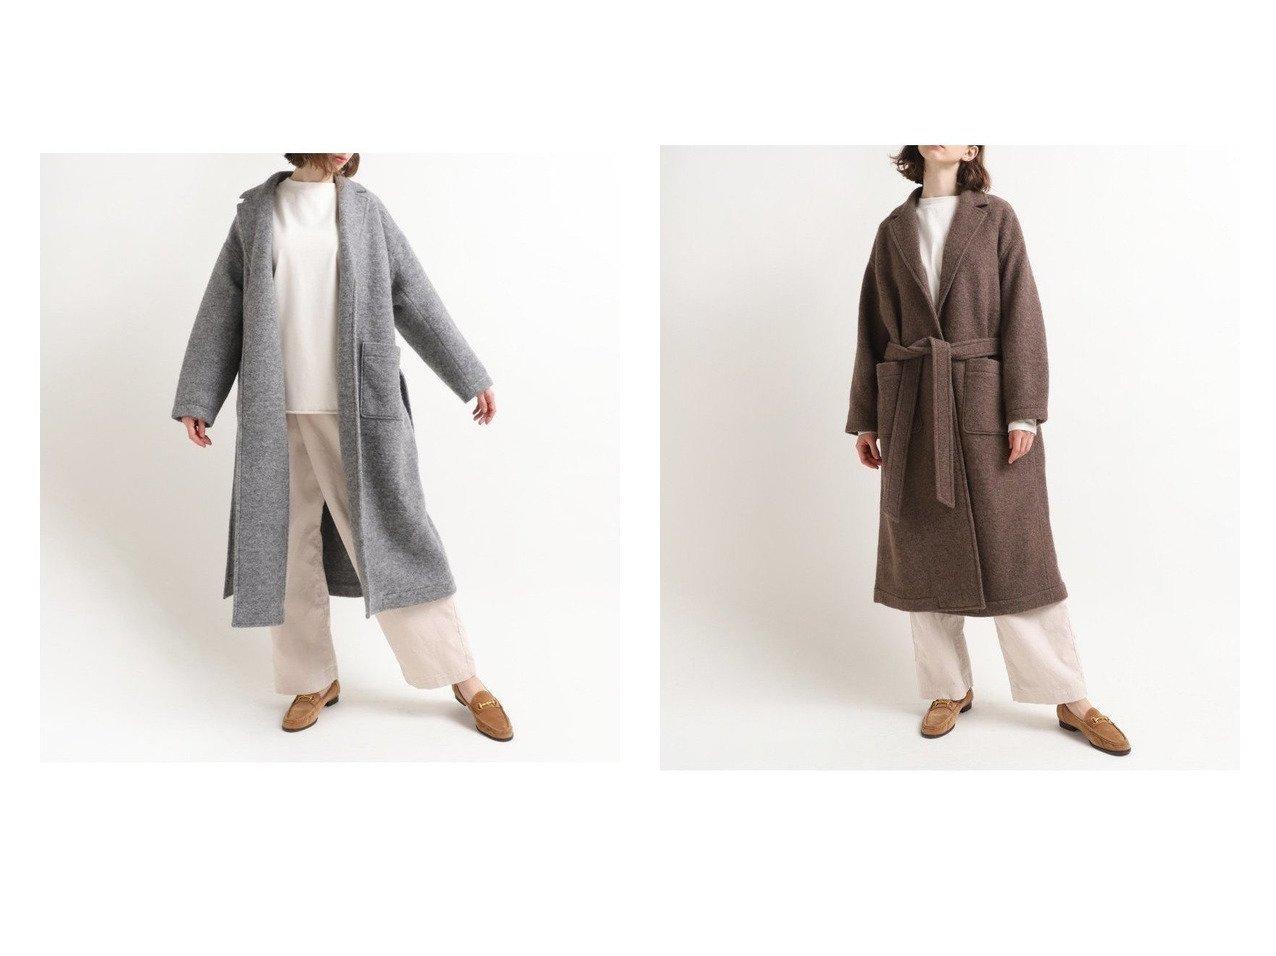 【RNA-N/アールエヌエーエヌ】のウールガウンロングコート アウターのおすすめ!人気、レディースファッションの通販 おすすめで人気のファッション通販商品 インテリア・家具・キッズファッション・メンズファッション・レディースファッション・服の通販 founy(ファニー) https://founy.com/ ファッション Fashion レディース WOMEN アウター Coat Outerwear コート Coats ジャケット Jackets イタリア ガウン ジャケット ロング |ID:crp329100000002897